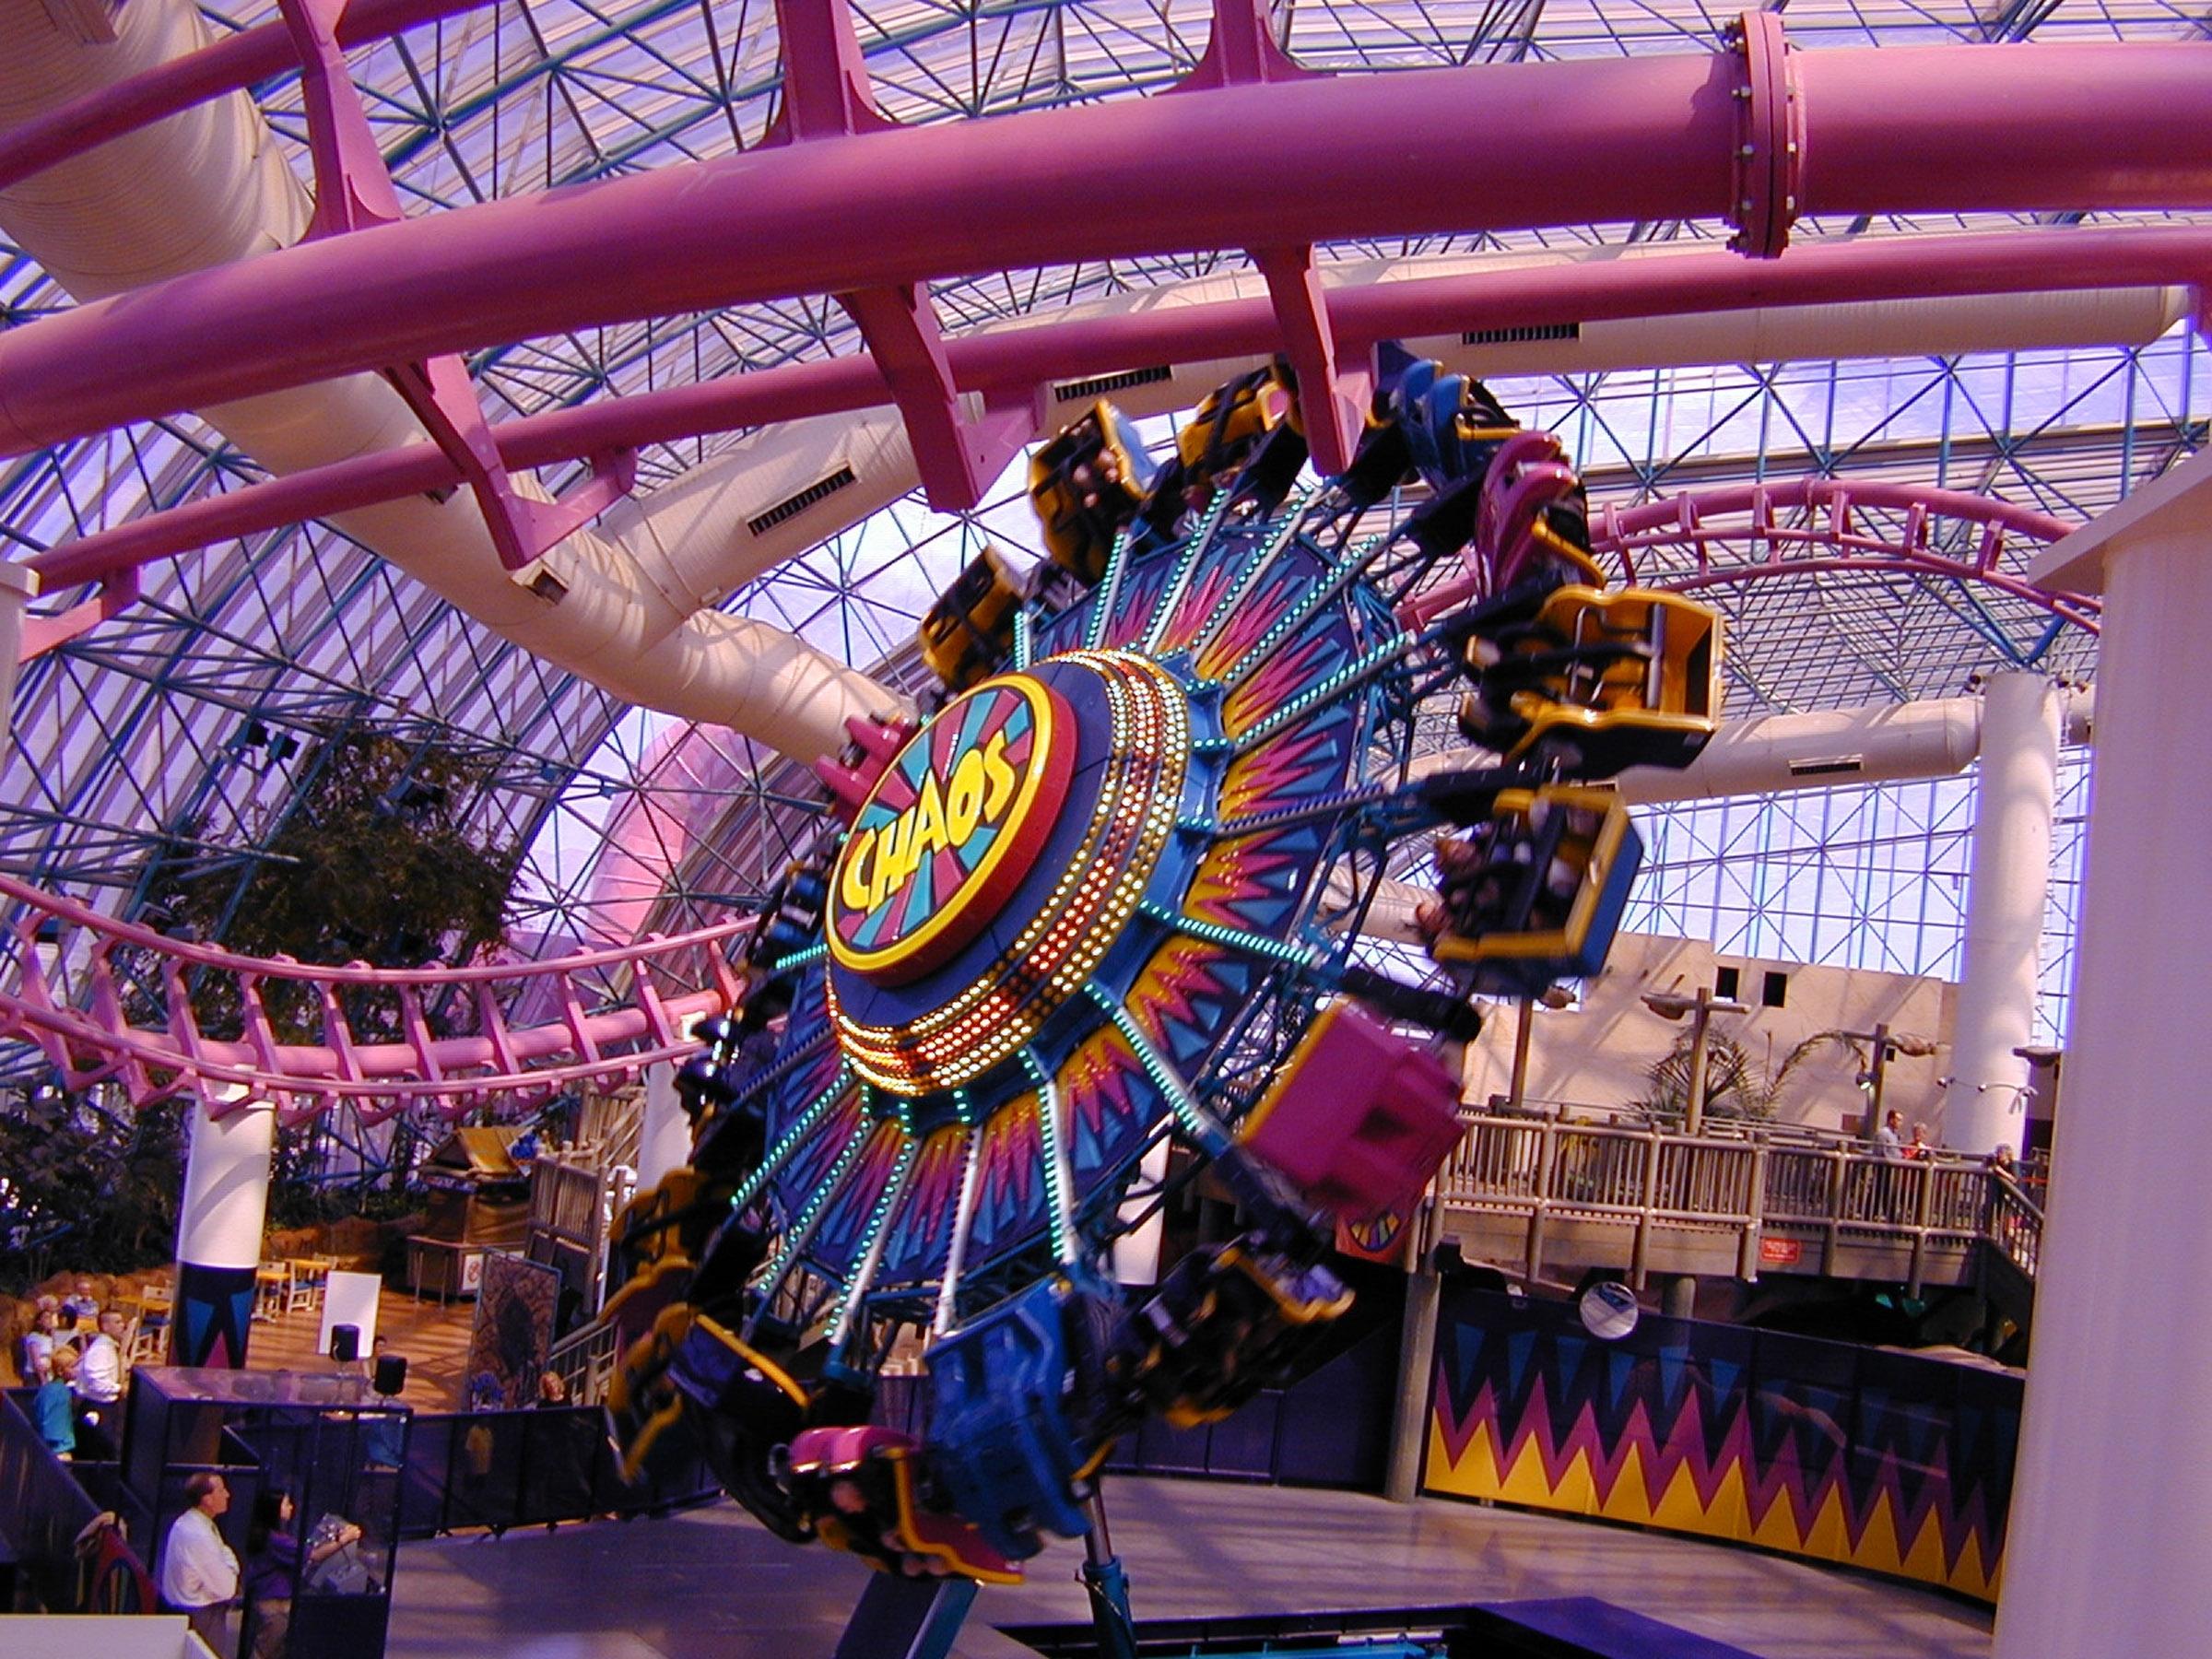 Vegas Circus Circus